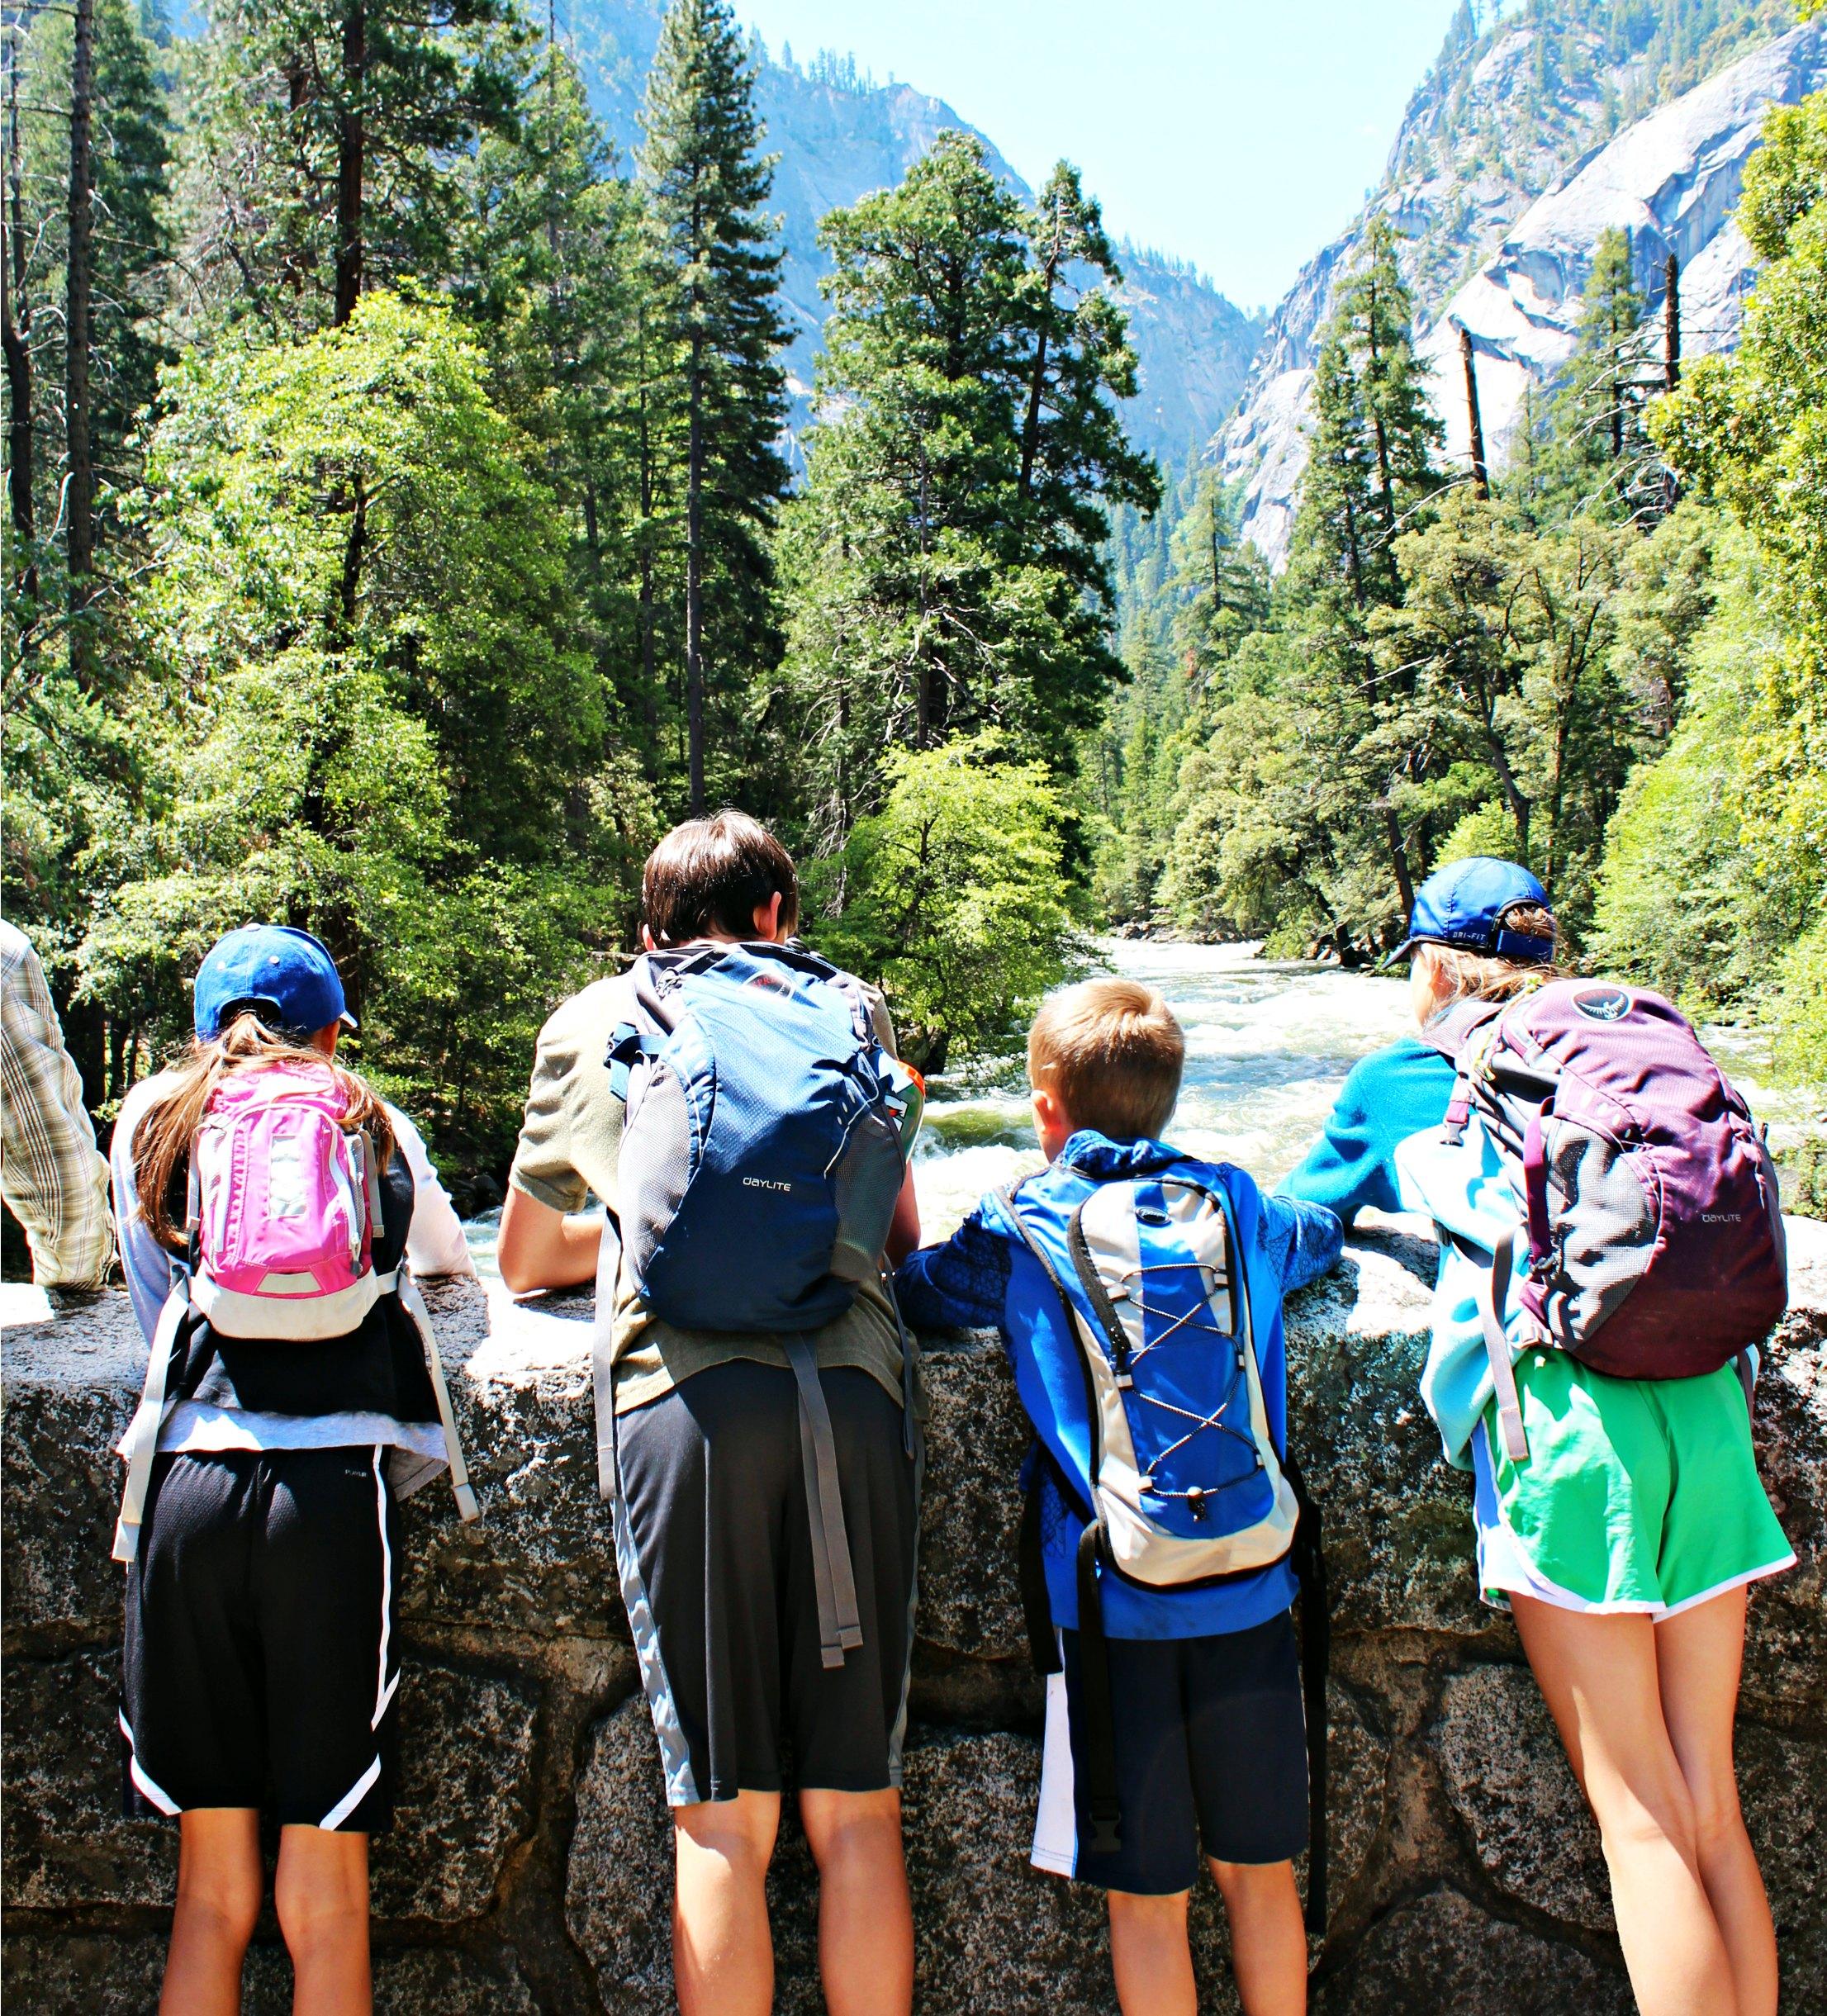 kids-foot-bridge-merced-river-mist-trail